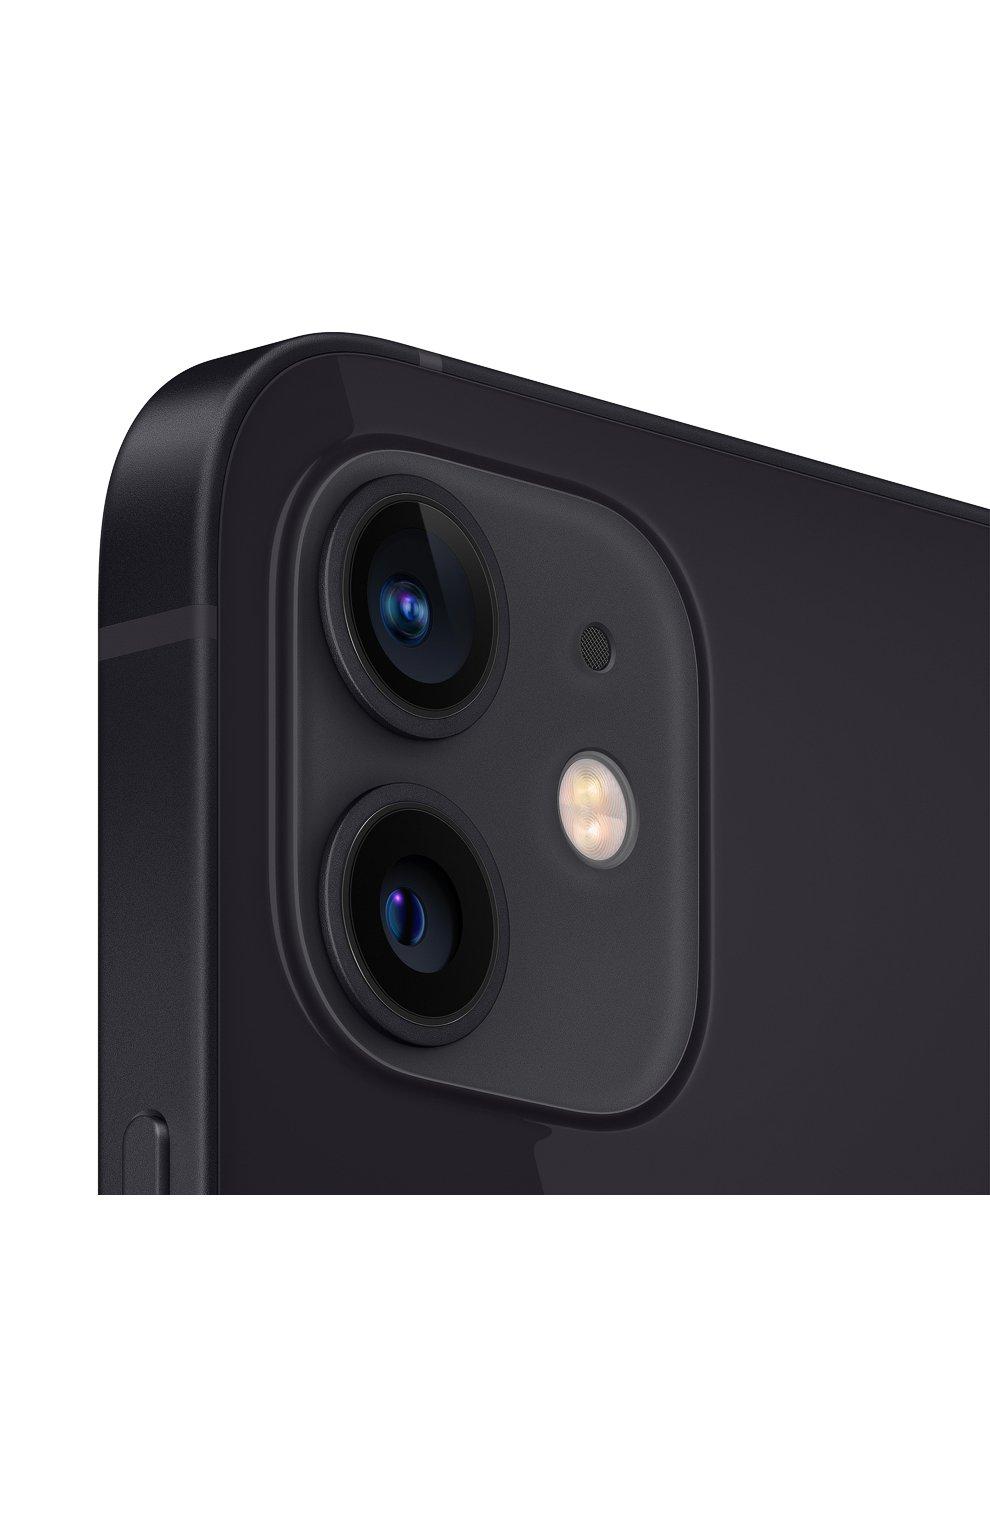 Мужские iphone 12 128gb black APPLE  black цвета, арт. MGJA3RU/A   Фото 3